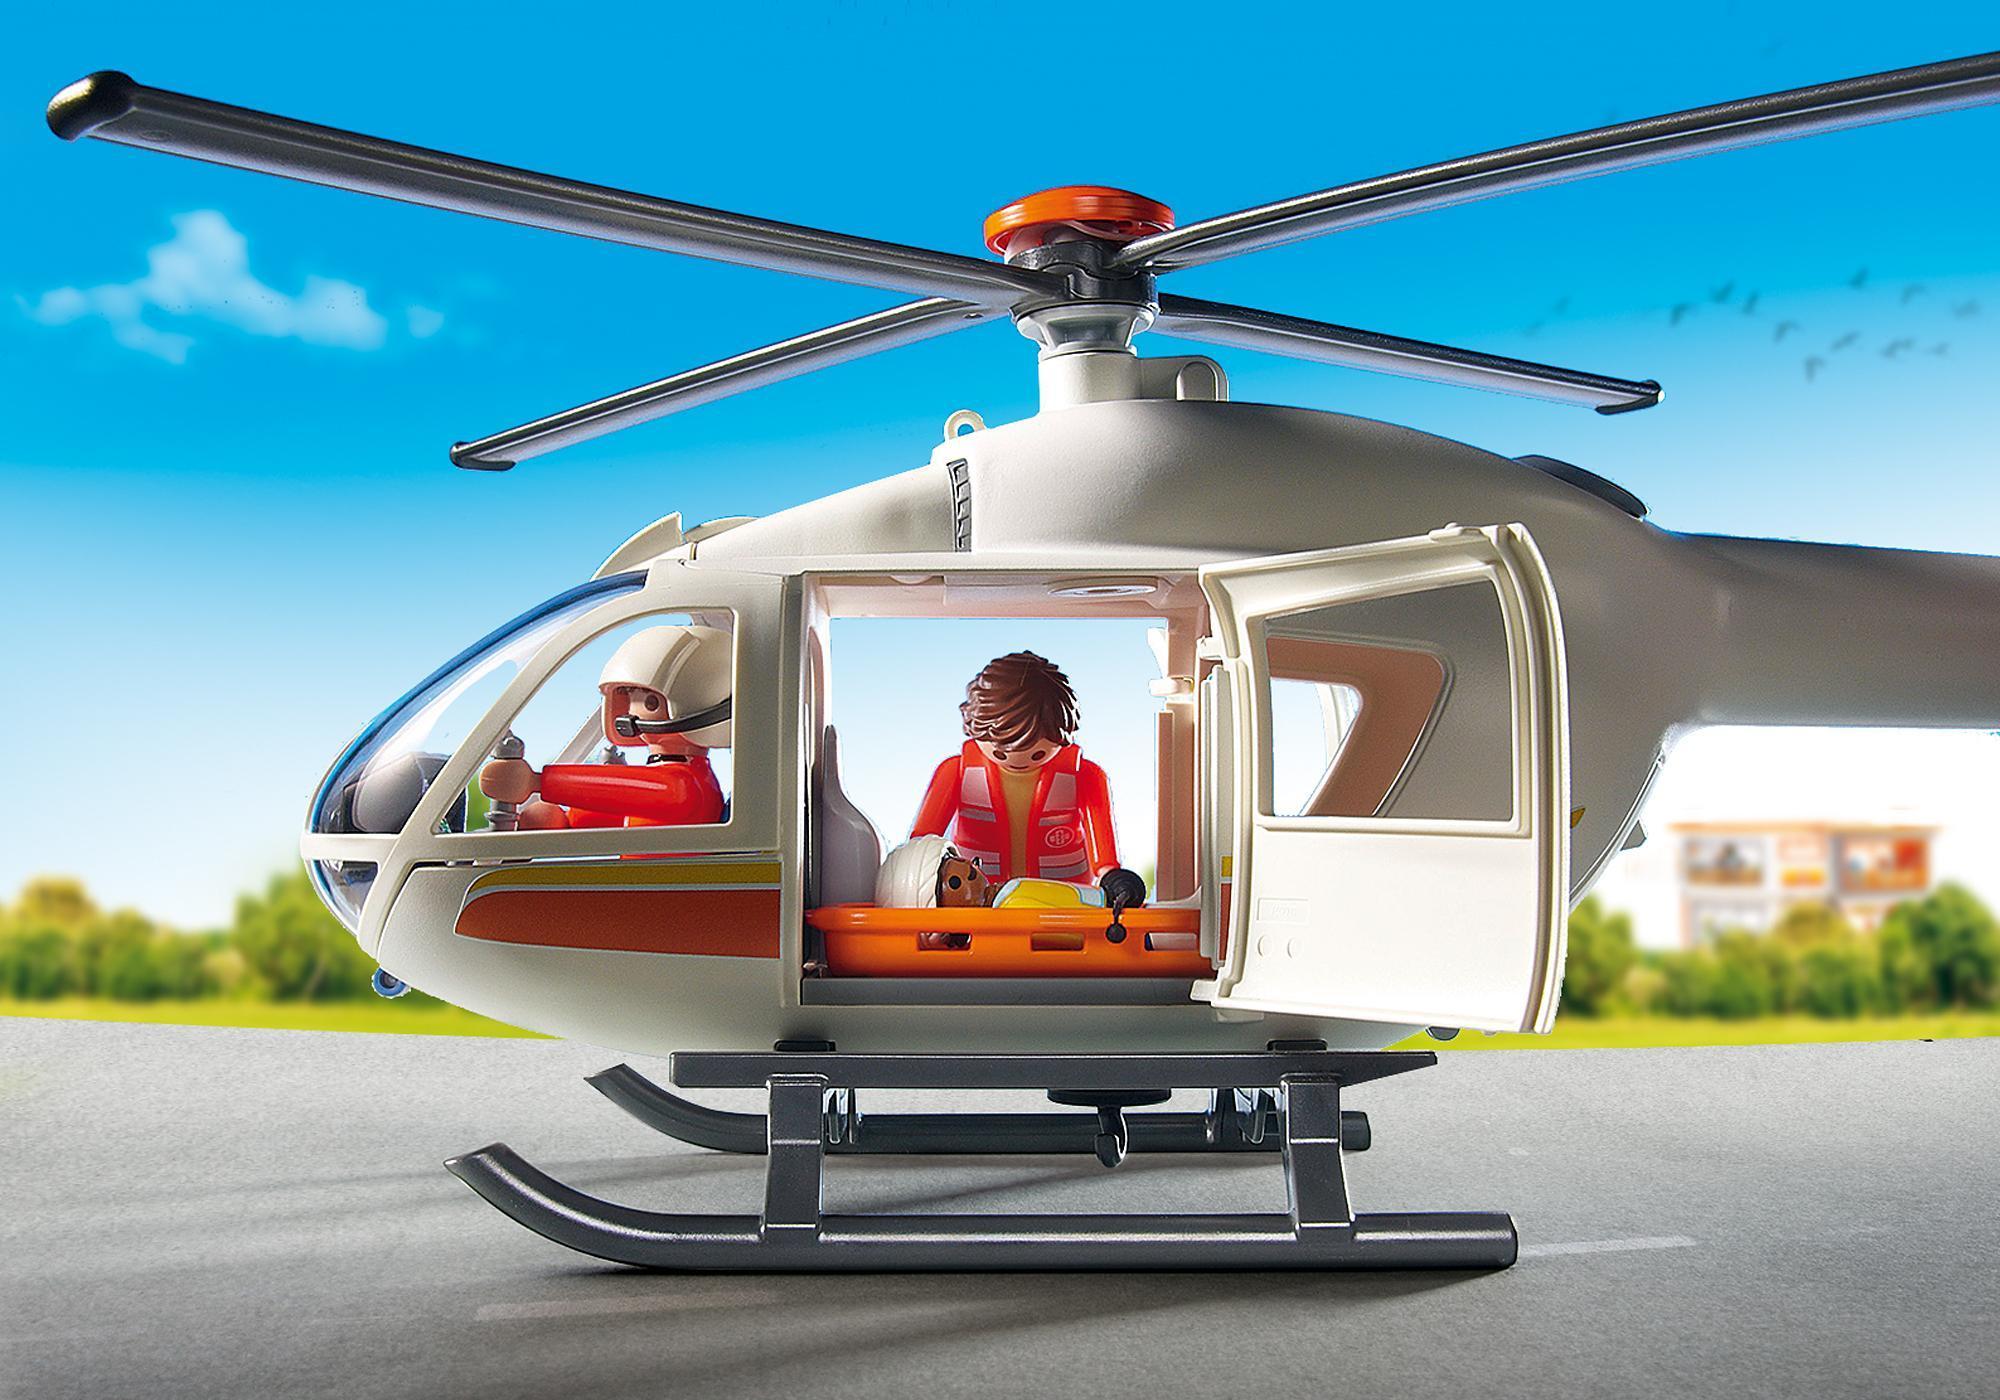 http://media.playmobil.com/i/playmobil/6686_product_extra3/Helicóptero de Emergência Médica